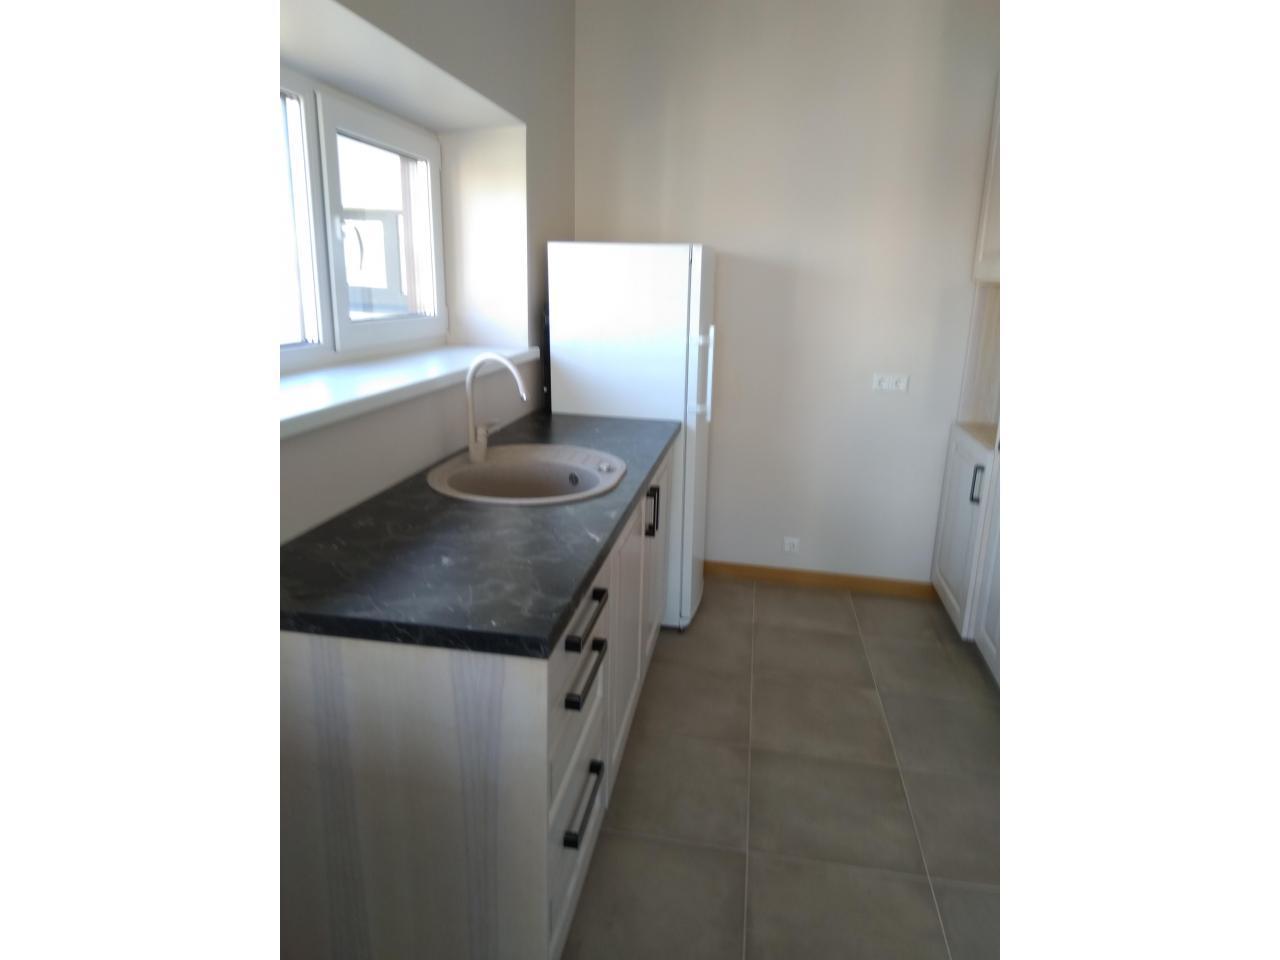 Продается 2 комнатная квартира в Латвии в городе Рига - 6